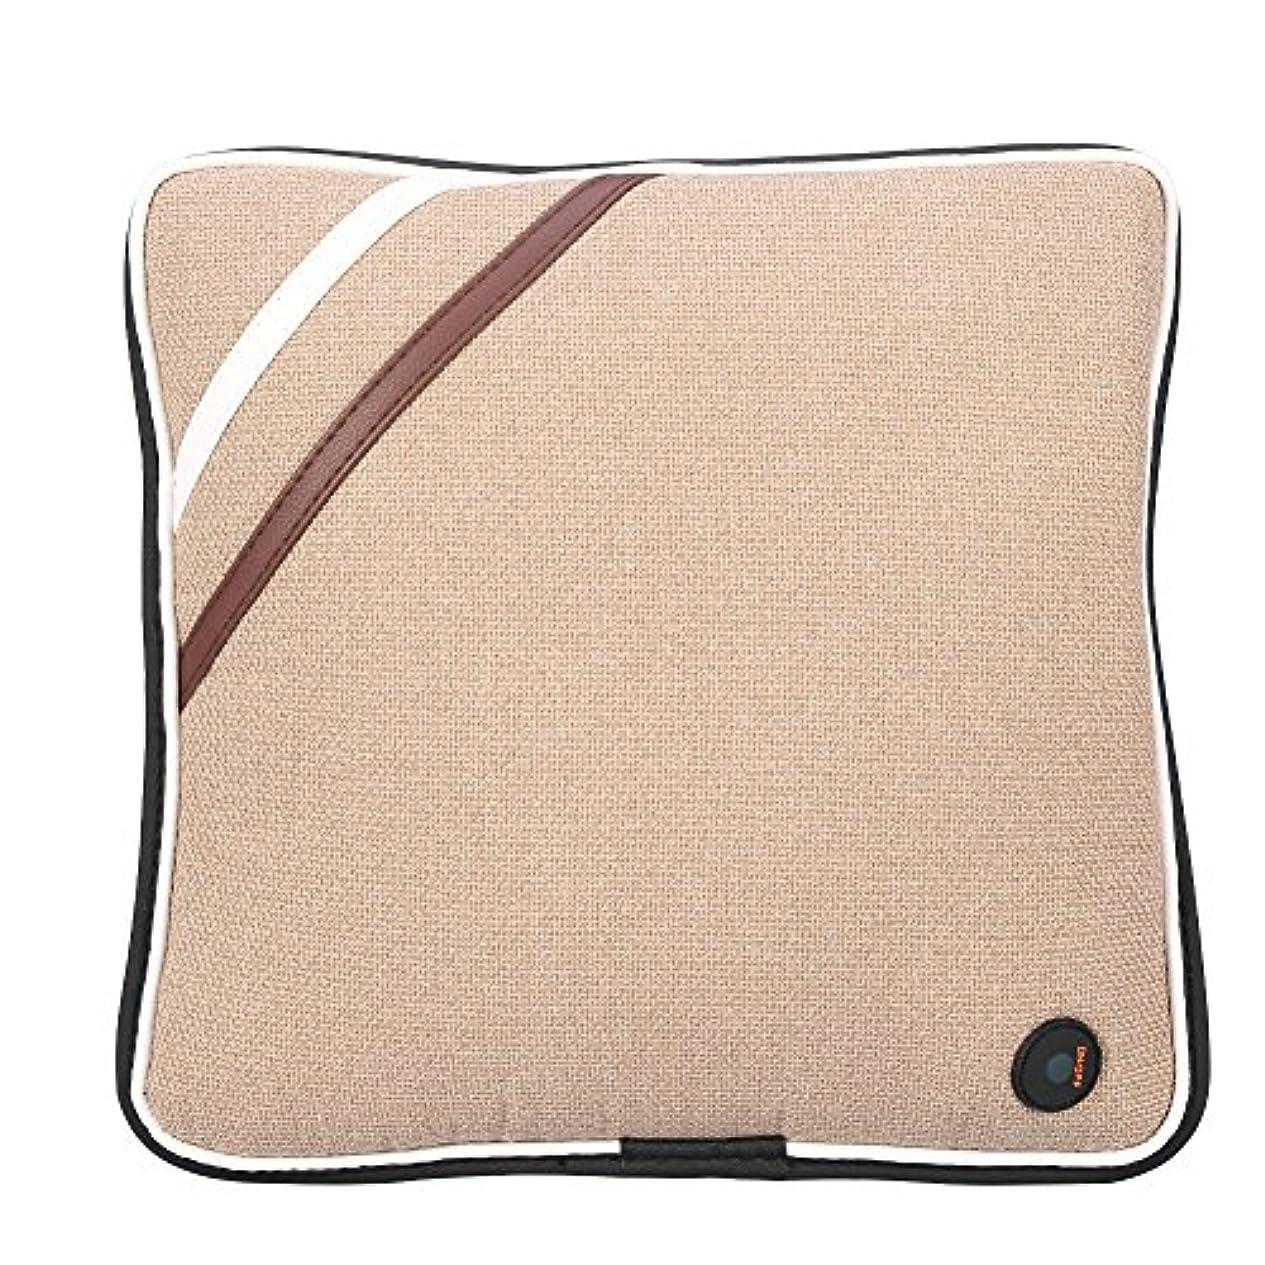 疾患完了本物の電気マッサージの枕、旅行車の家、セリウム/FDA/RoHS/LVDの証明のためのUSBの再充電可能で柔らかい綿の首の背部クッションのマッサージャー(Linen Beige)